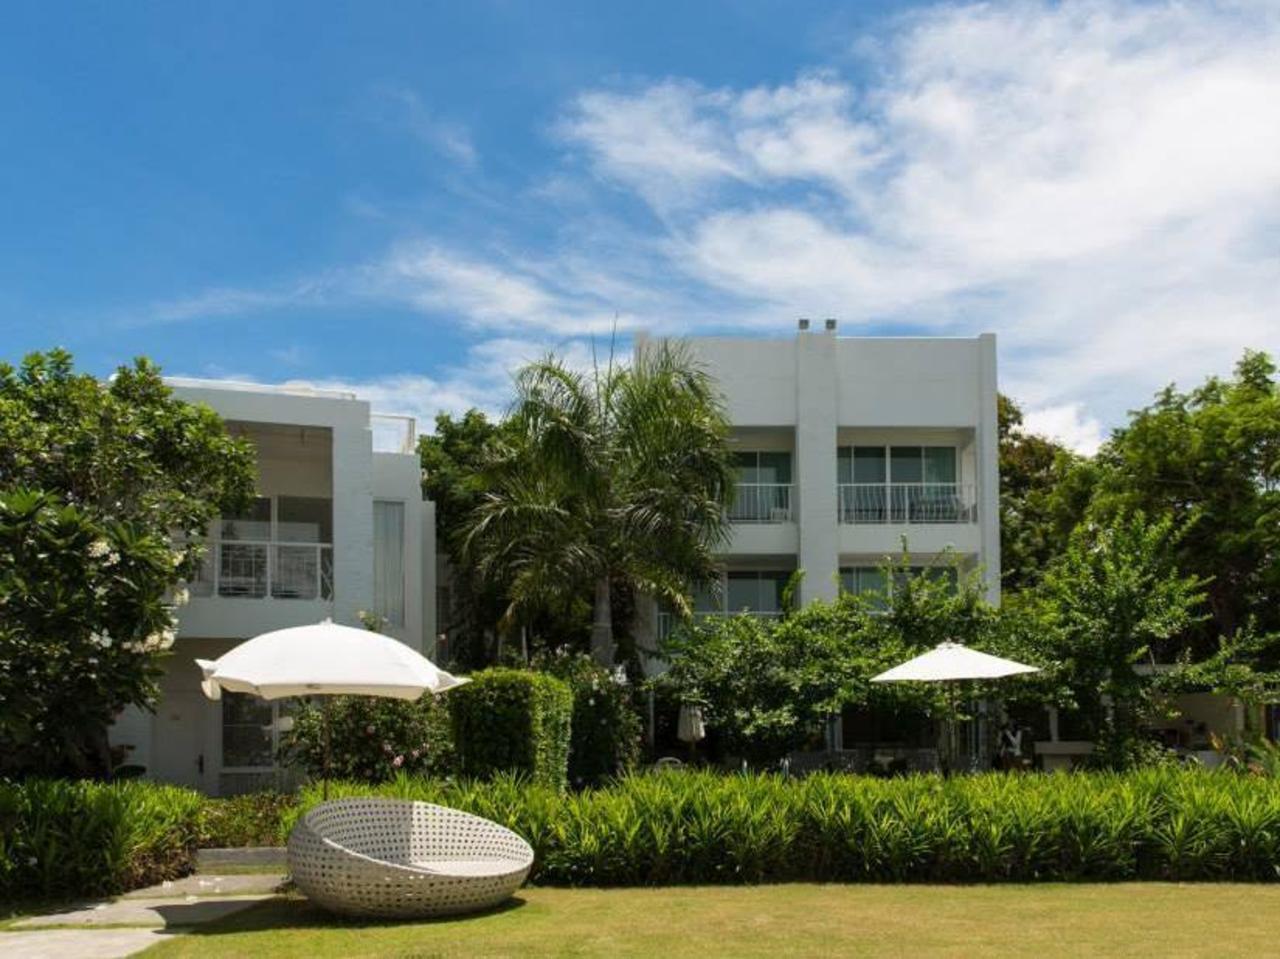 เวราโน บีช วิลลา (Verano Beach Villa)